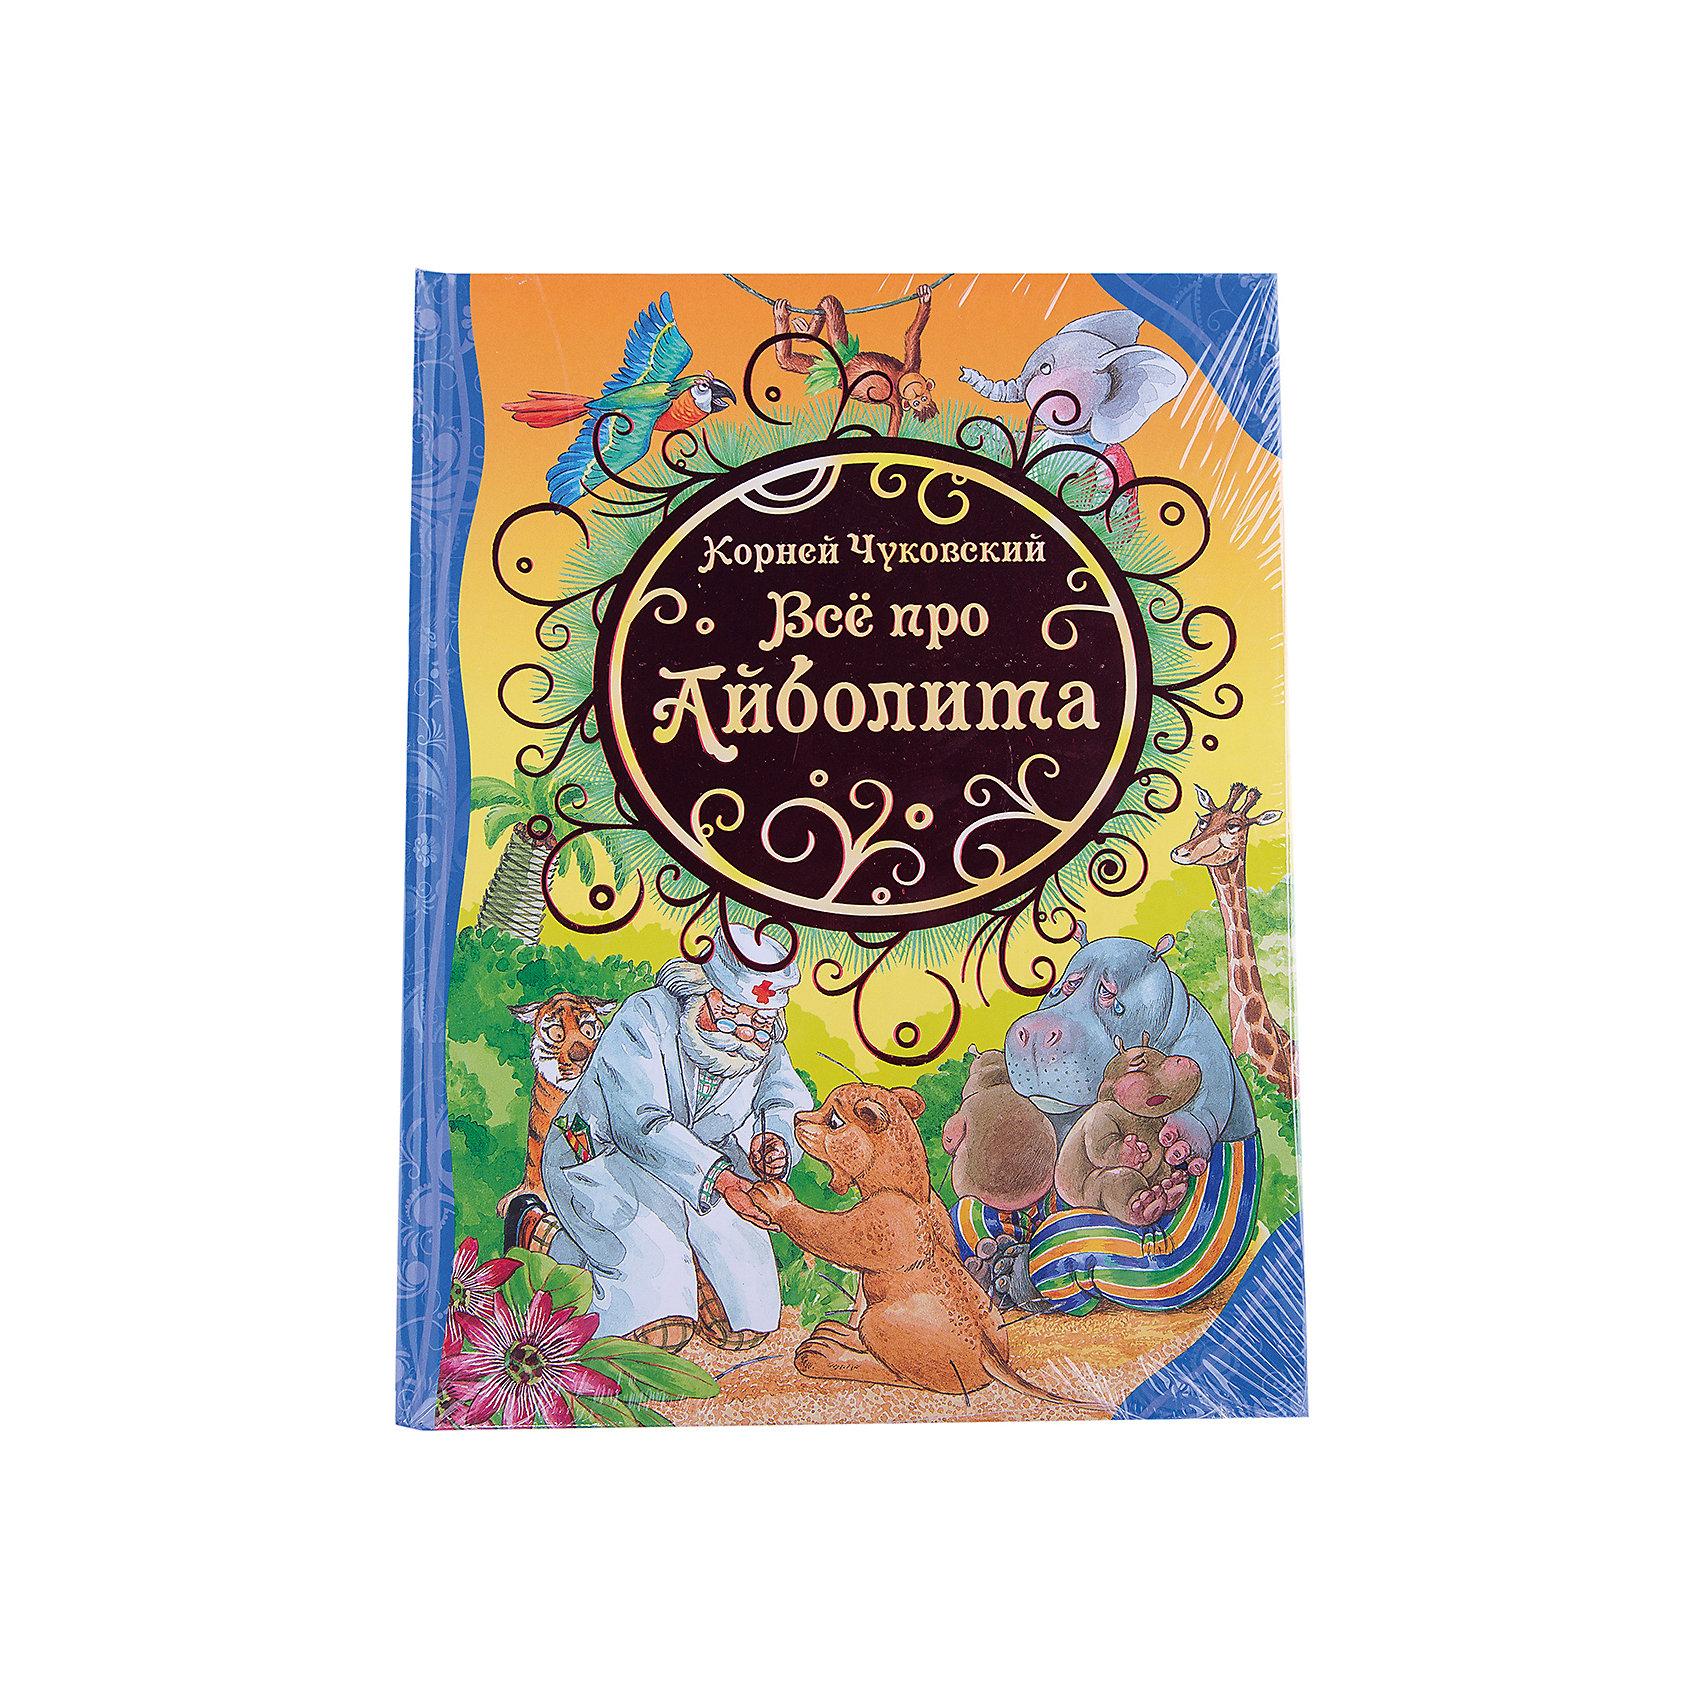 Все про Айболита, К. ЧуковскийКнига К. Чуковского Все про Айболита от Росмэн - замечательное издание для детского чтения, которое займет достойное место в домашней библиотеке. В  превосходно изданной книге с яркими цветными иллюстрациями собраны всеми любимые истории о добром докторе Айболите в стихах и в прозе. <br><br>Дополнительная информация:<br><br>- Автор: Корней Чуковский.<br>- Художник: С. Набутовский. <br>- Серия: Все лучшие сказки.<br>- Обложка: твердая.<br>- Иллюстрации: цветные.<br>- Объем: 128 стр.<br>- Размер: 26,3 х 20,2 х 1,5 см.<br>- Вес: 0,53 кг.<br><br>Книгу К. Чуковского Все про Айболита, Росмэн можно купить в нашем интернет-магазине.<br><br>Ширина мм: 263<br>Глубина мм: 202<br>Высота мм: 15<br>Вес г: 510<br>Возраст от месяцев: 36<br>Возраст до месяцев: 72<br>Пол: Унисекс<br>Возраст: Детский<br>SKU: 3643240